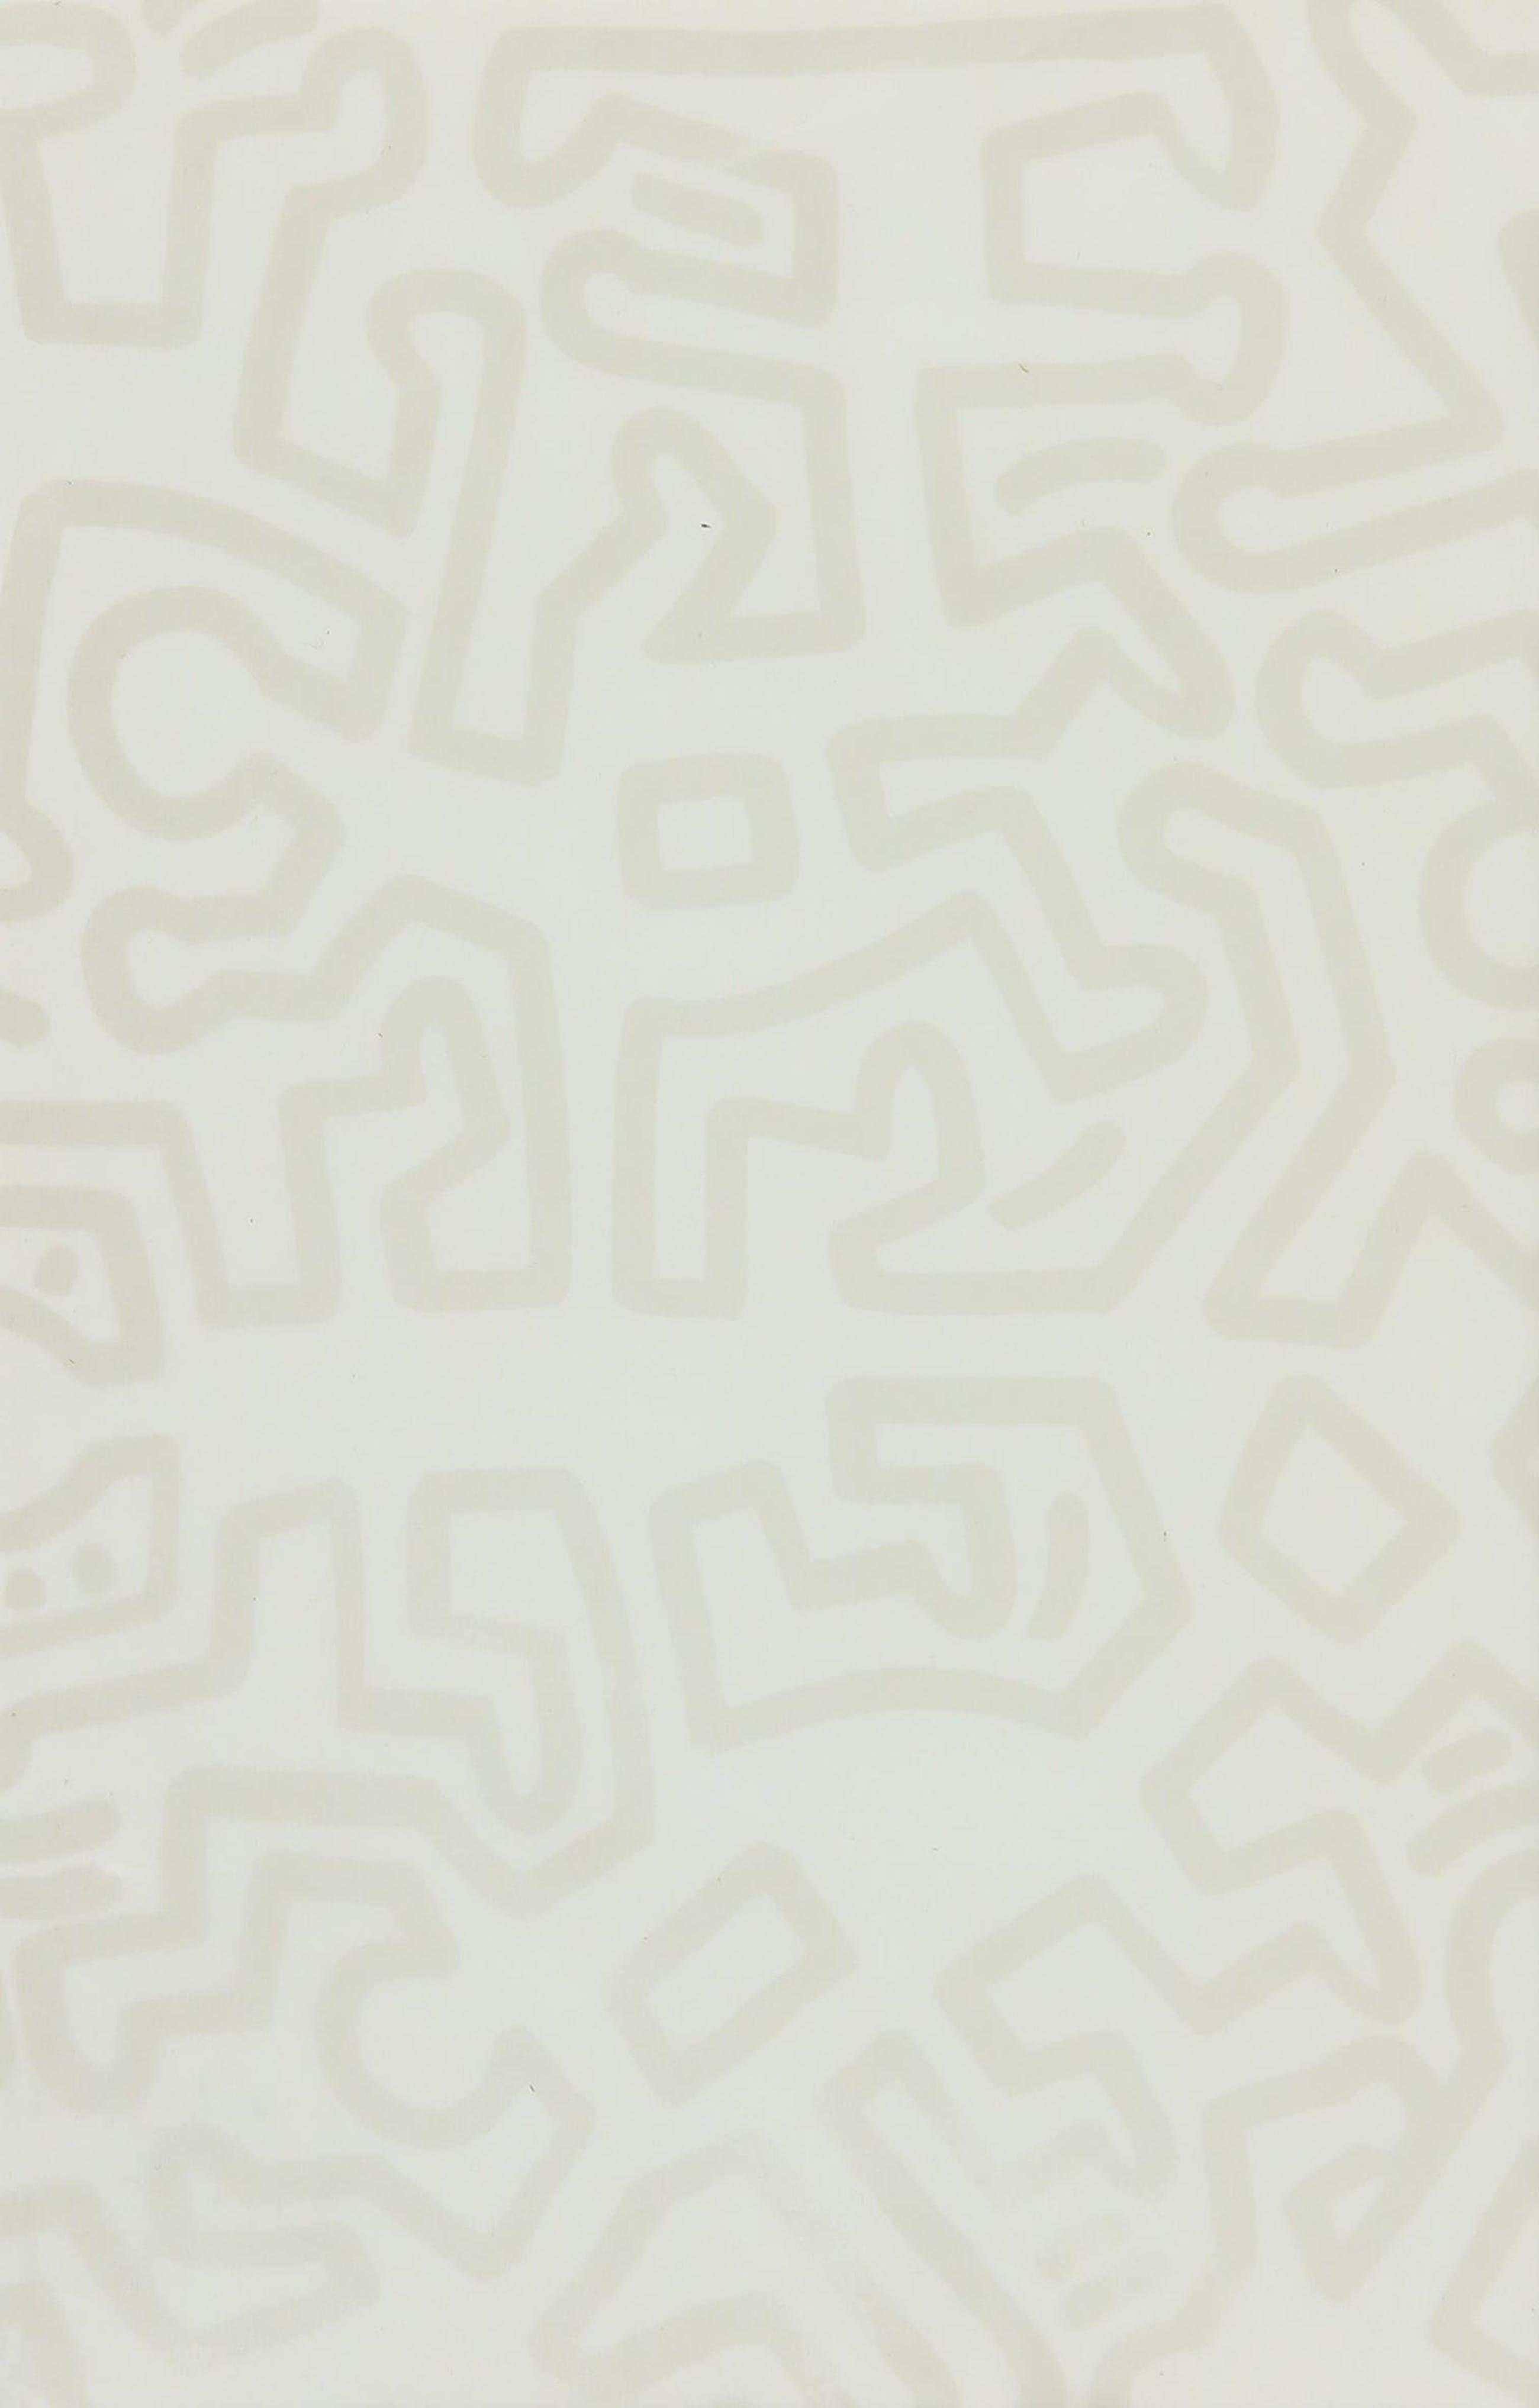 Keith Haring - Gesigneerde foto met tekening en schutblad - Ingelijst kopen? Bied vanaf 1!